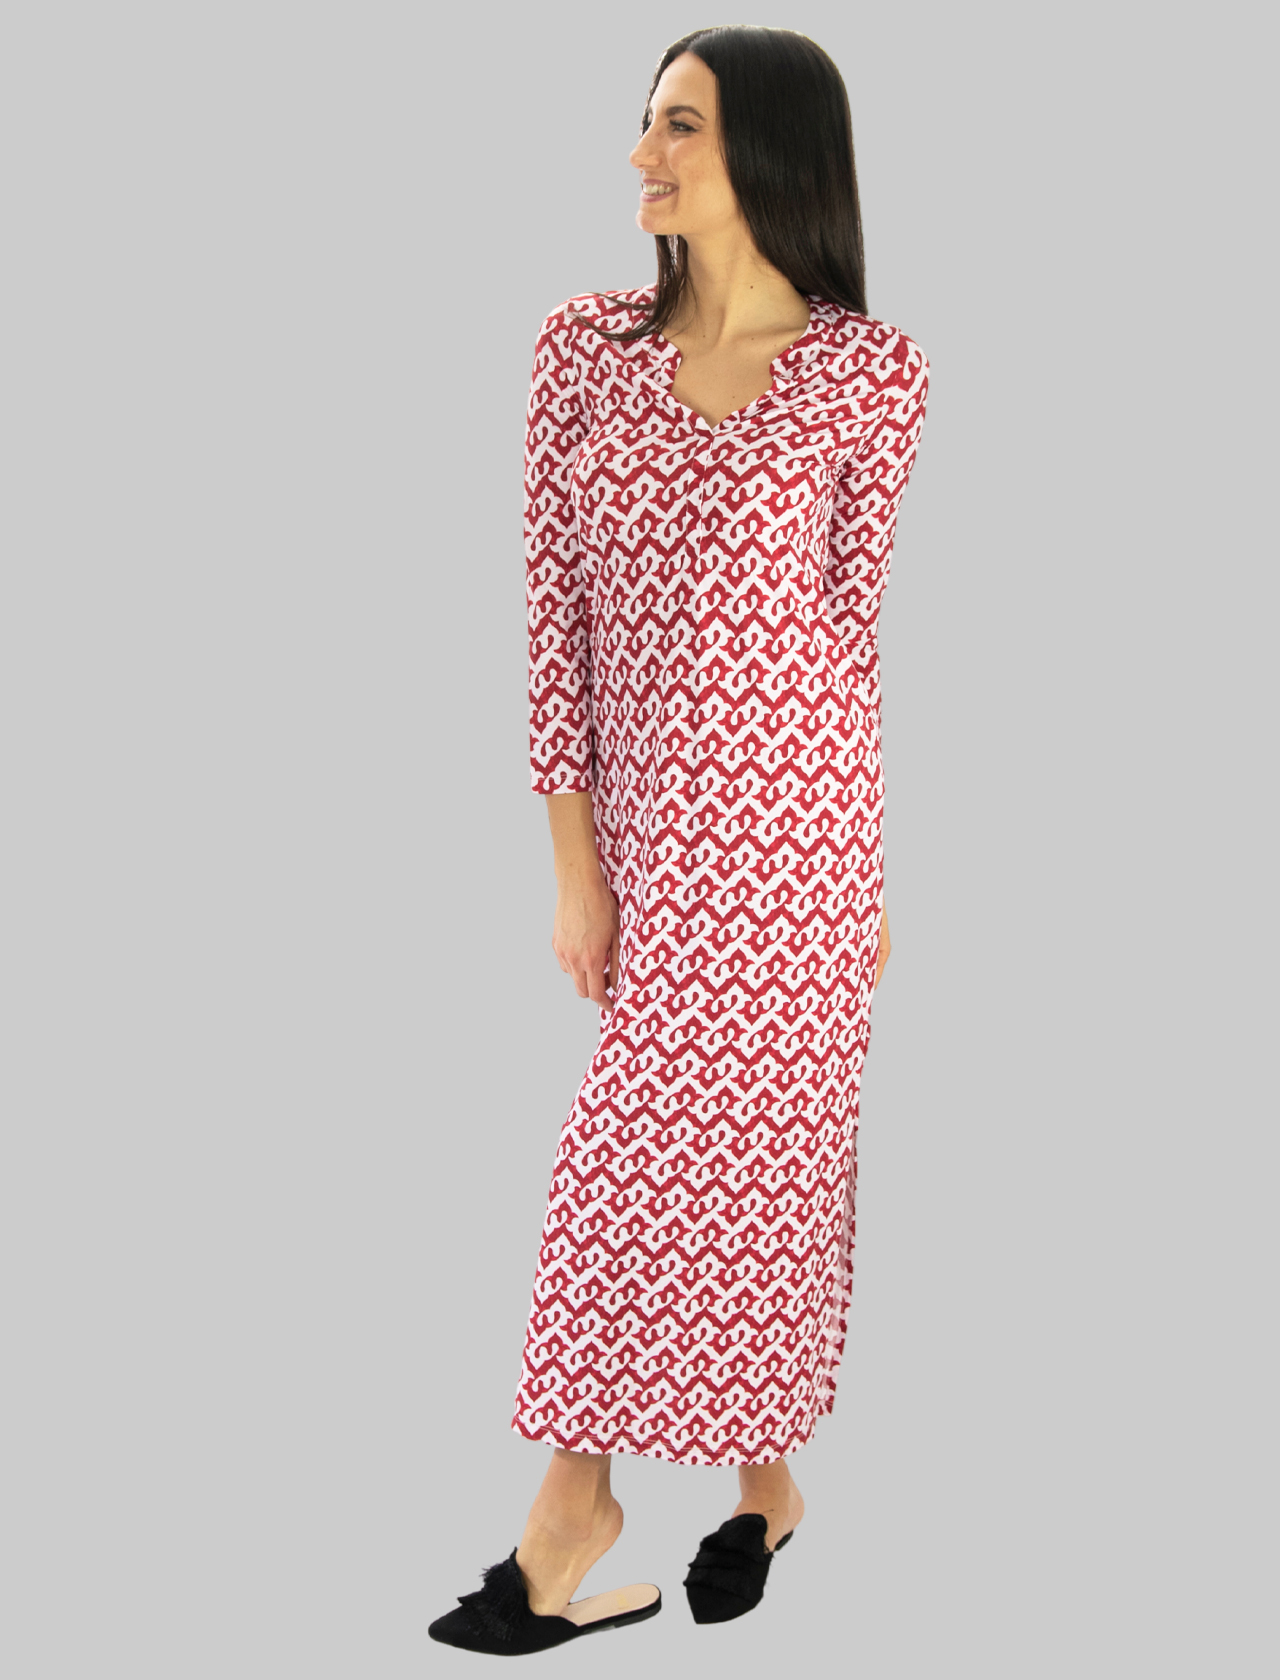 Abbigliamento Donna Caftano Lungo Ceres Drop Jersey in Rosso e Rosa Maliparmi | Abiti | JF643970498A3092